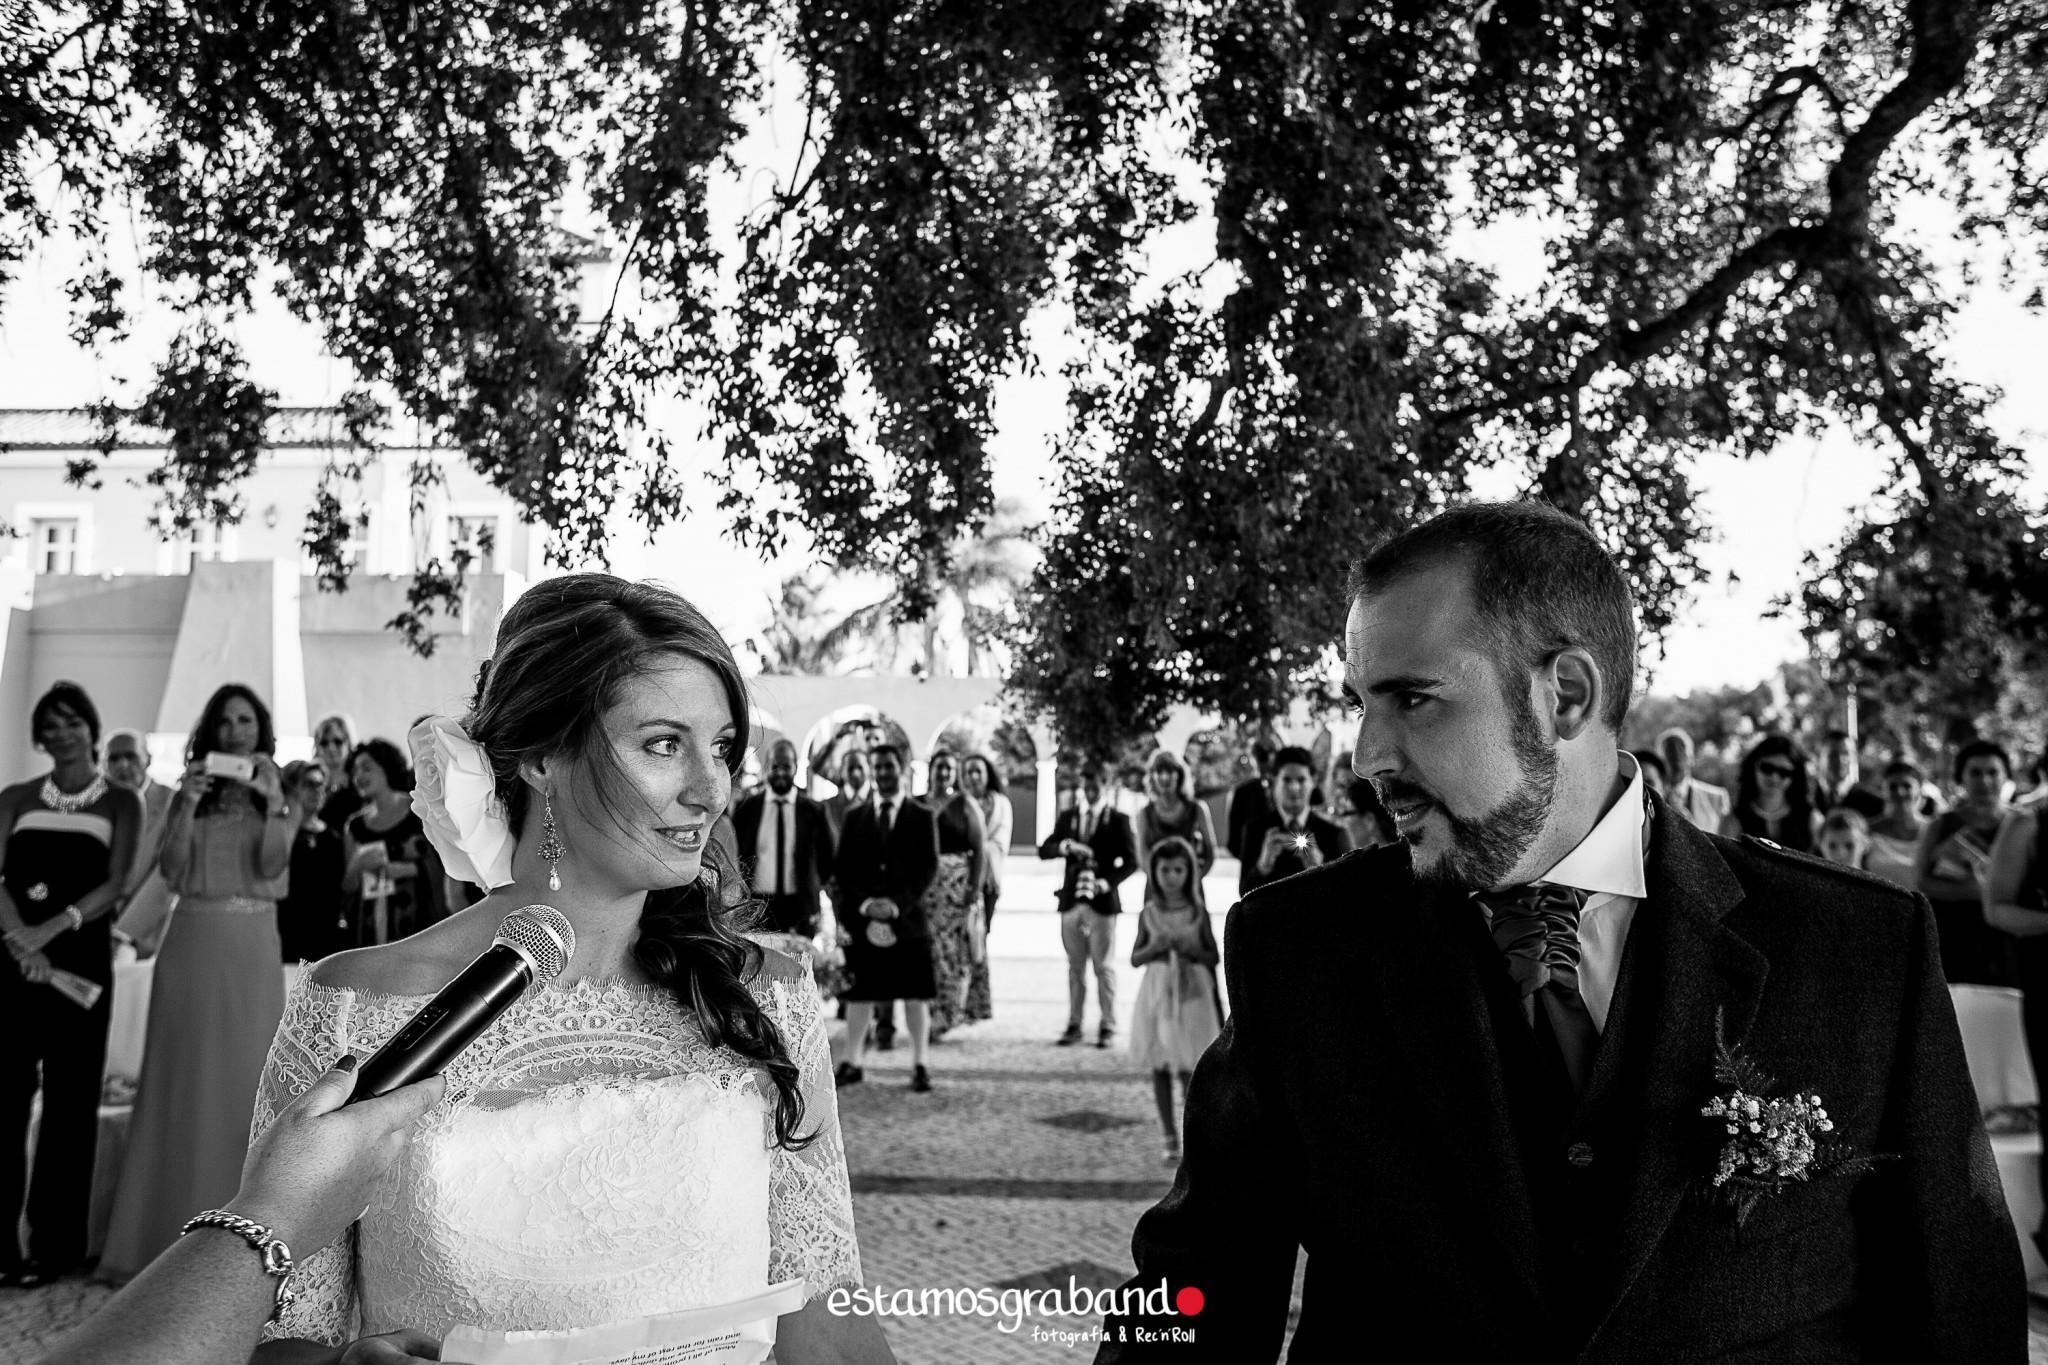 bee-y-juan-13 La boda de Braveheart (Spanish version)_Vee & Juan - video boda cadiz